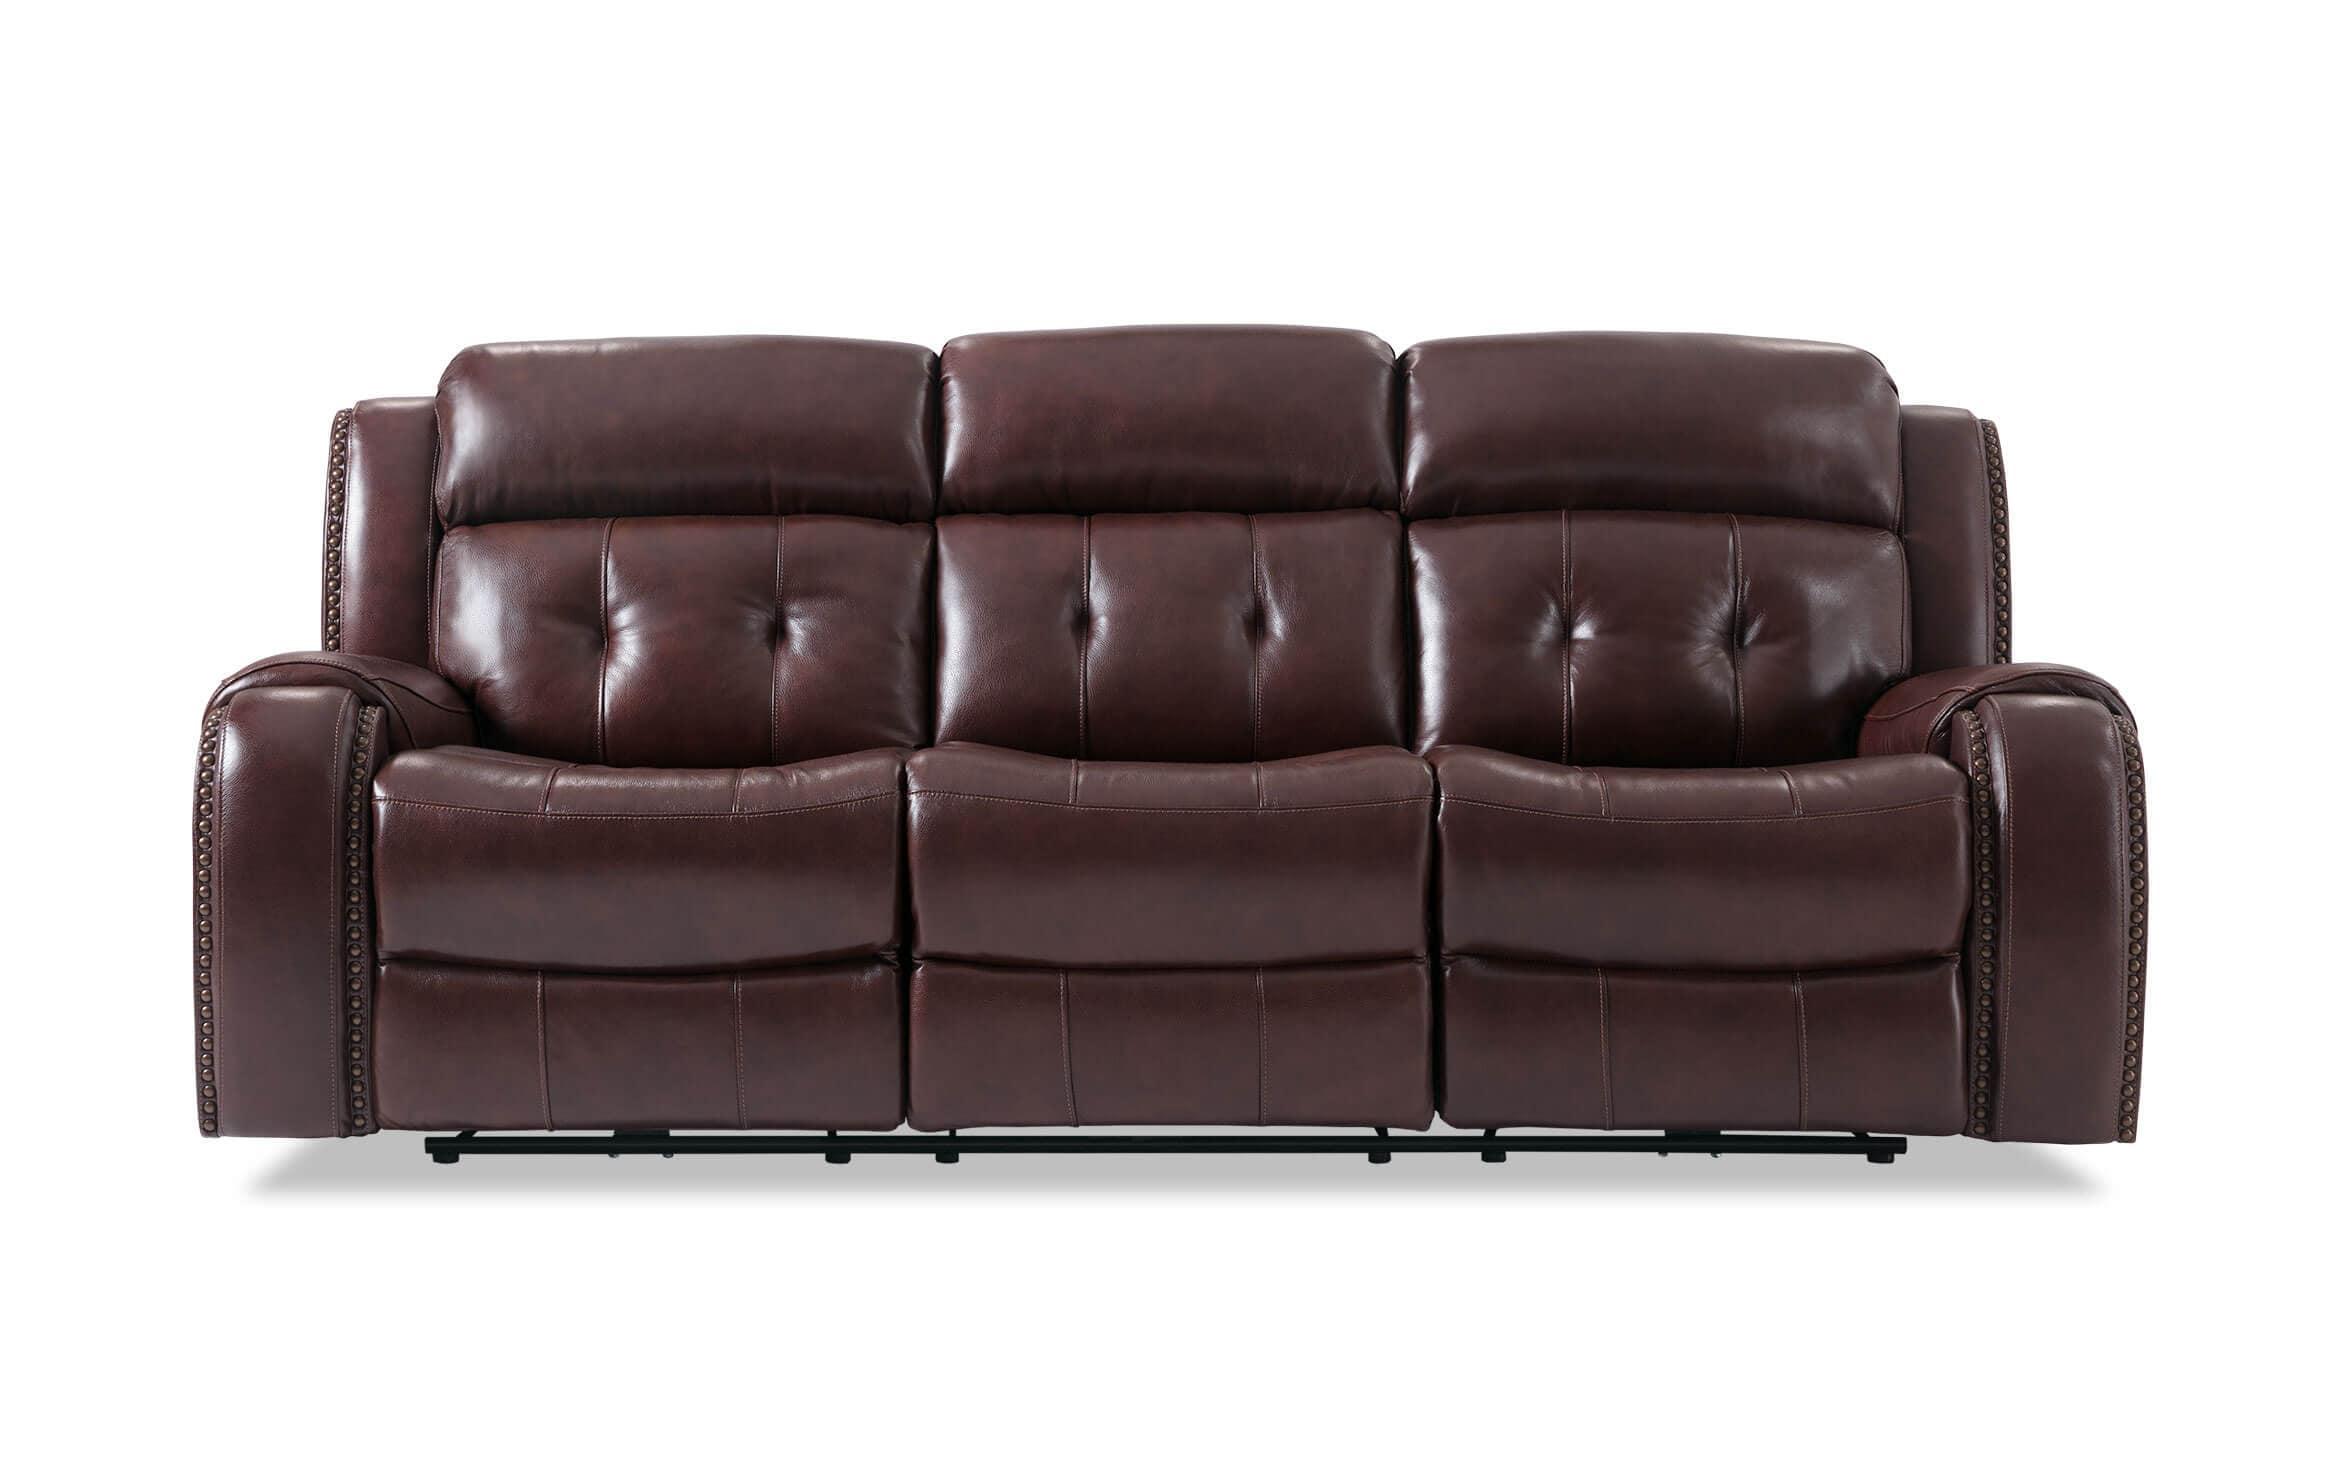 Bobs Furniture Leather Sofa : Trailblazer Gray Leather Regarding Trailblazer Gray Leather Power Reclining Sofas (View 4 of 15)